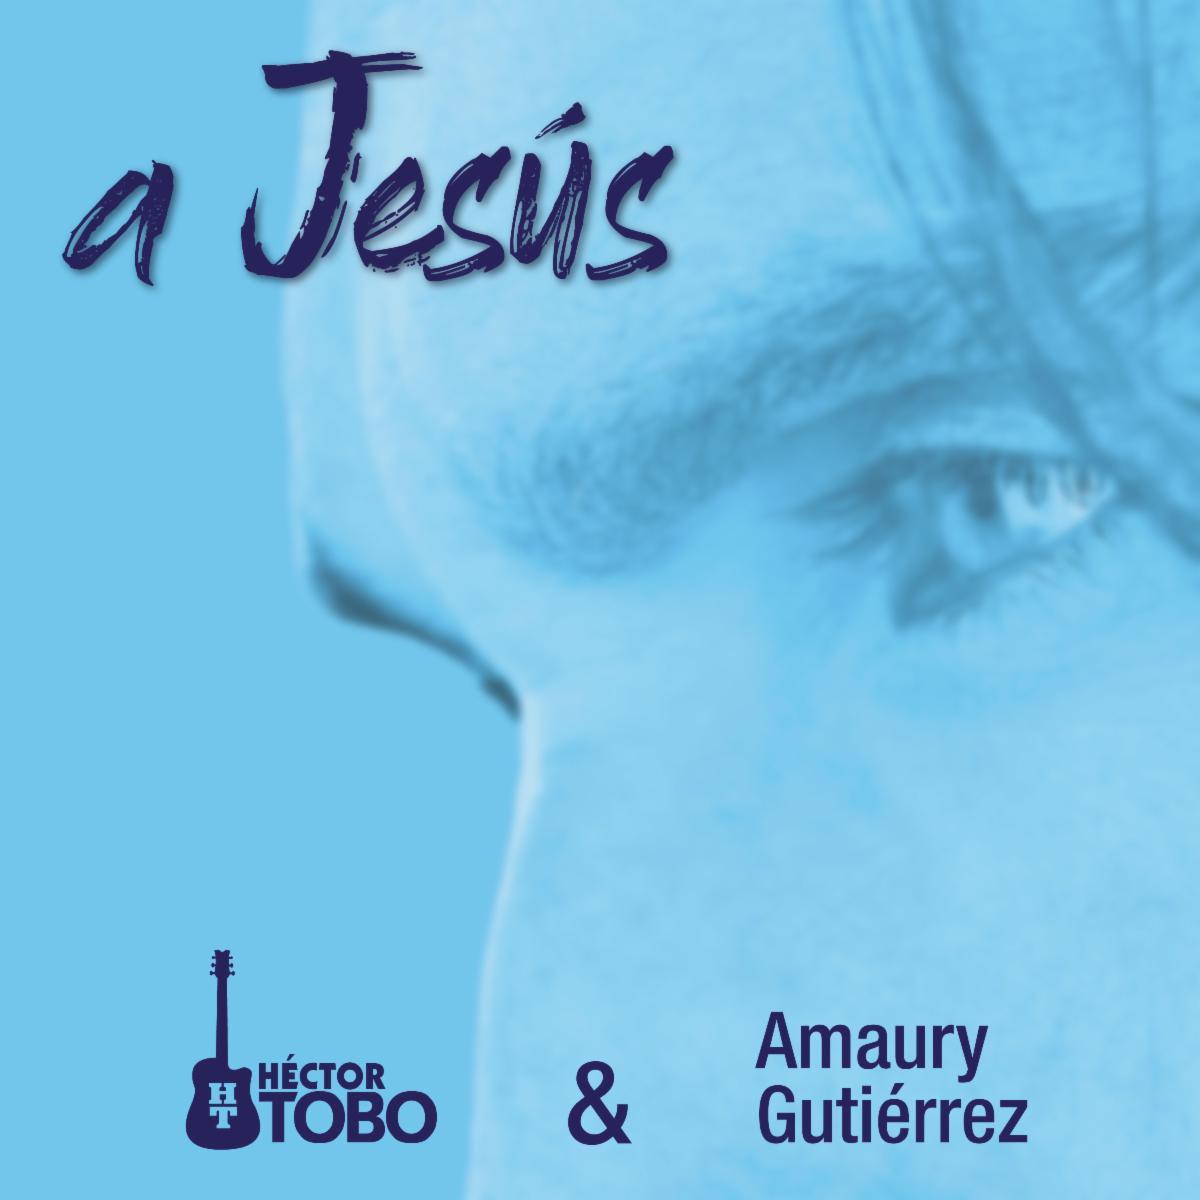 hector tobo y amaury gutierrez a jesus su cancion para semana santa unnamed 3